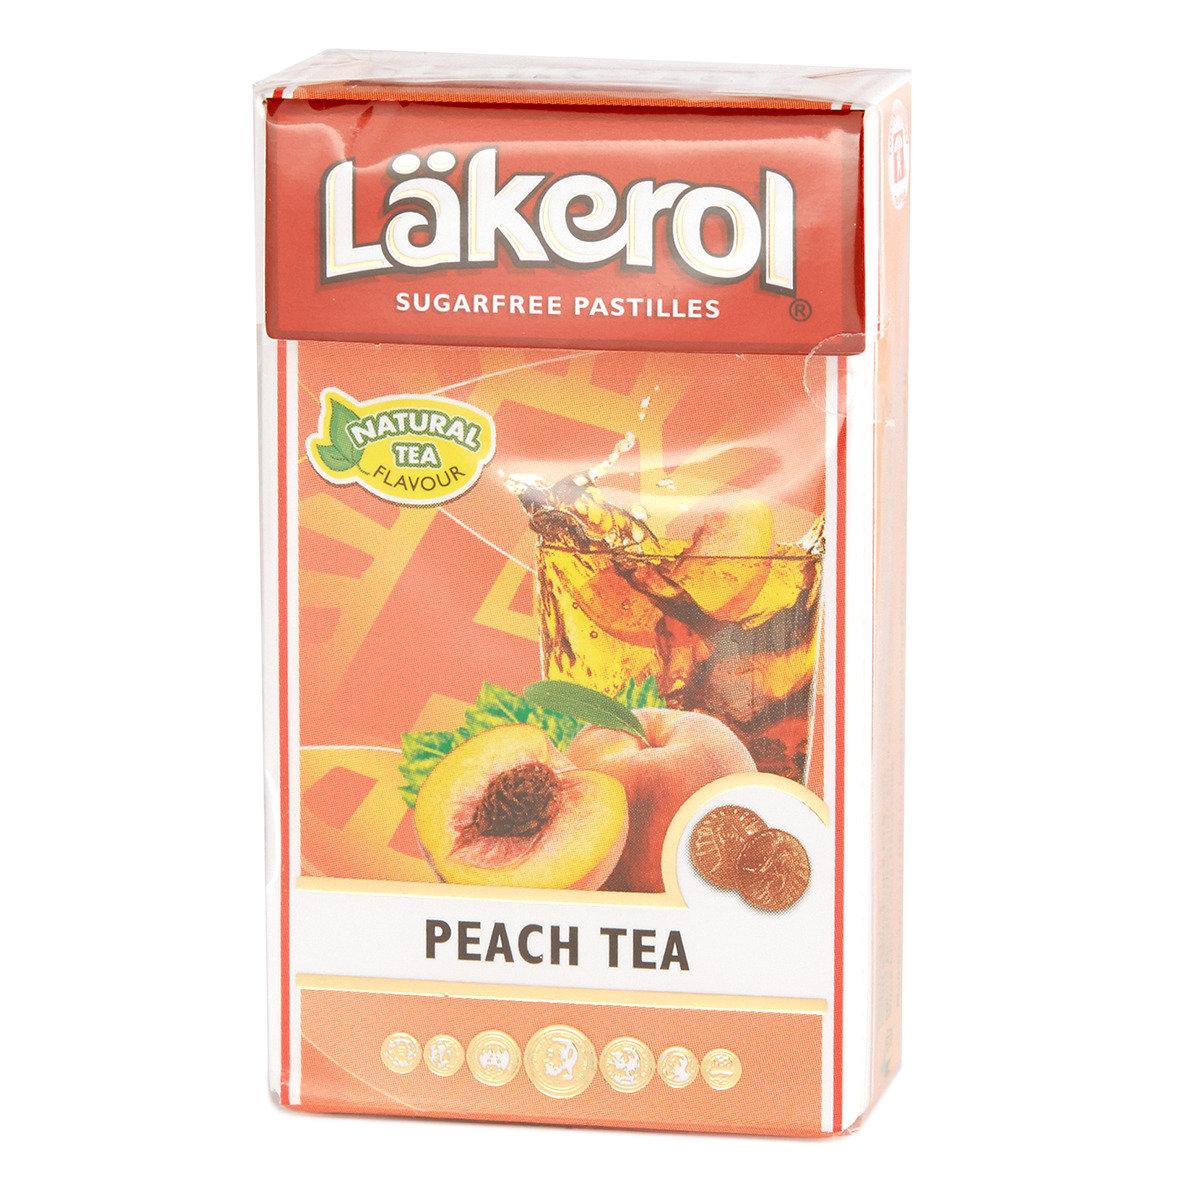 無糖軟糖蜜桃茶味